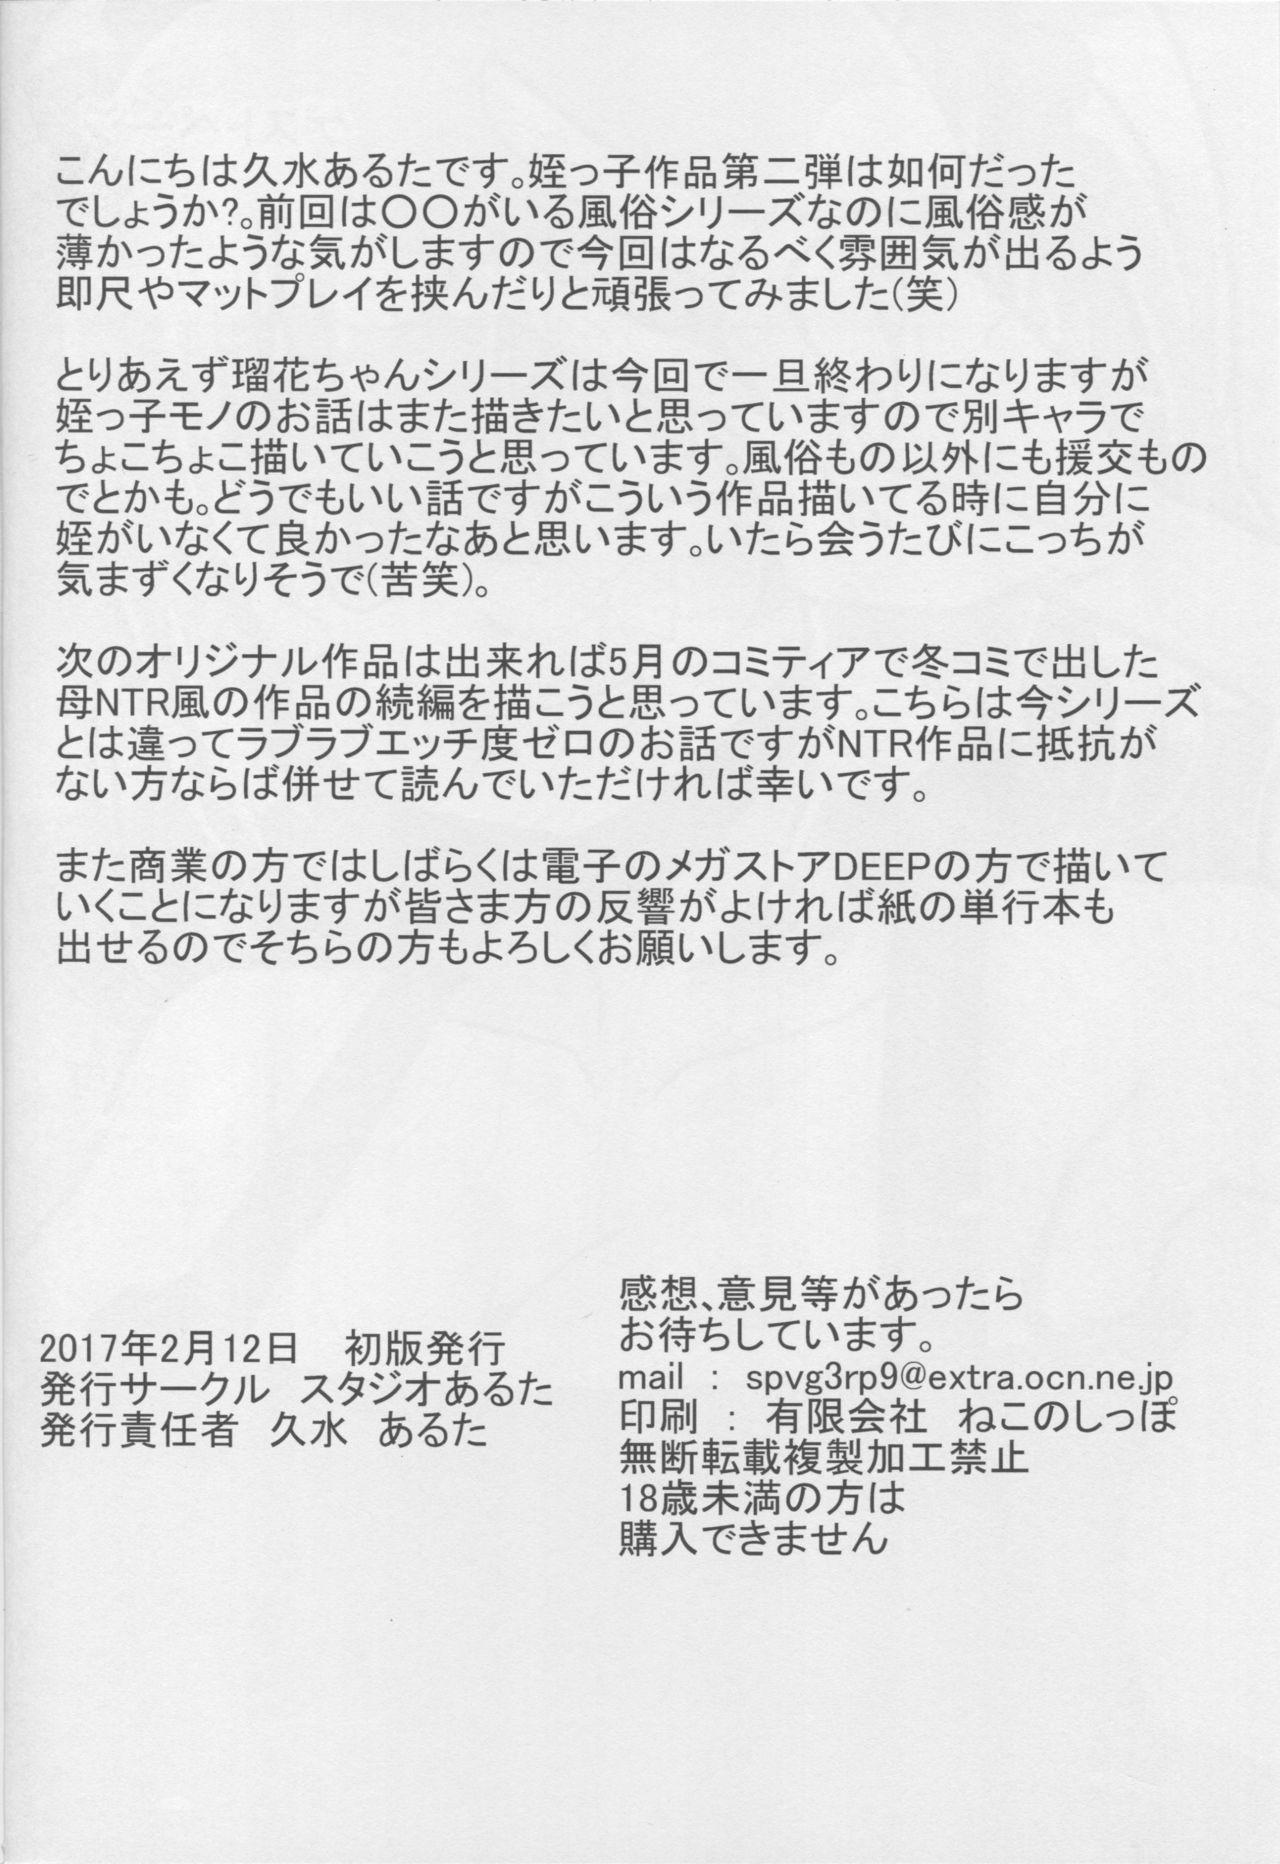 Loli-gao Kyonyuu JK no Meikko ga Iru Fuuzoku ga Arutte Hontou desu ka? 2 32